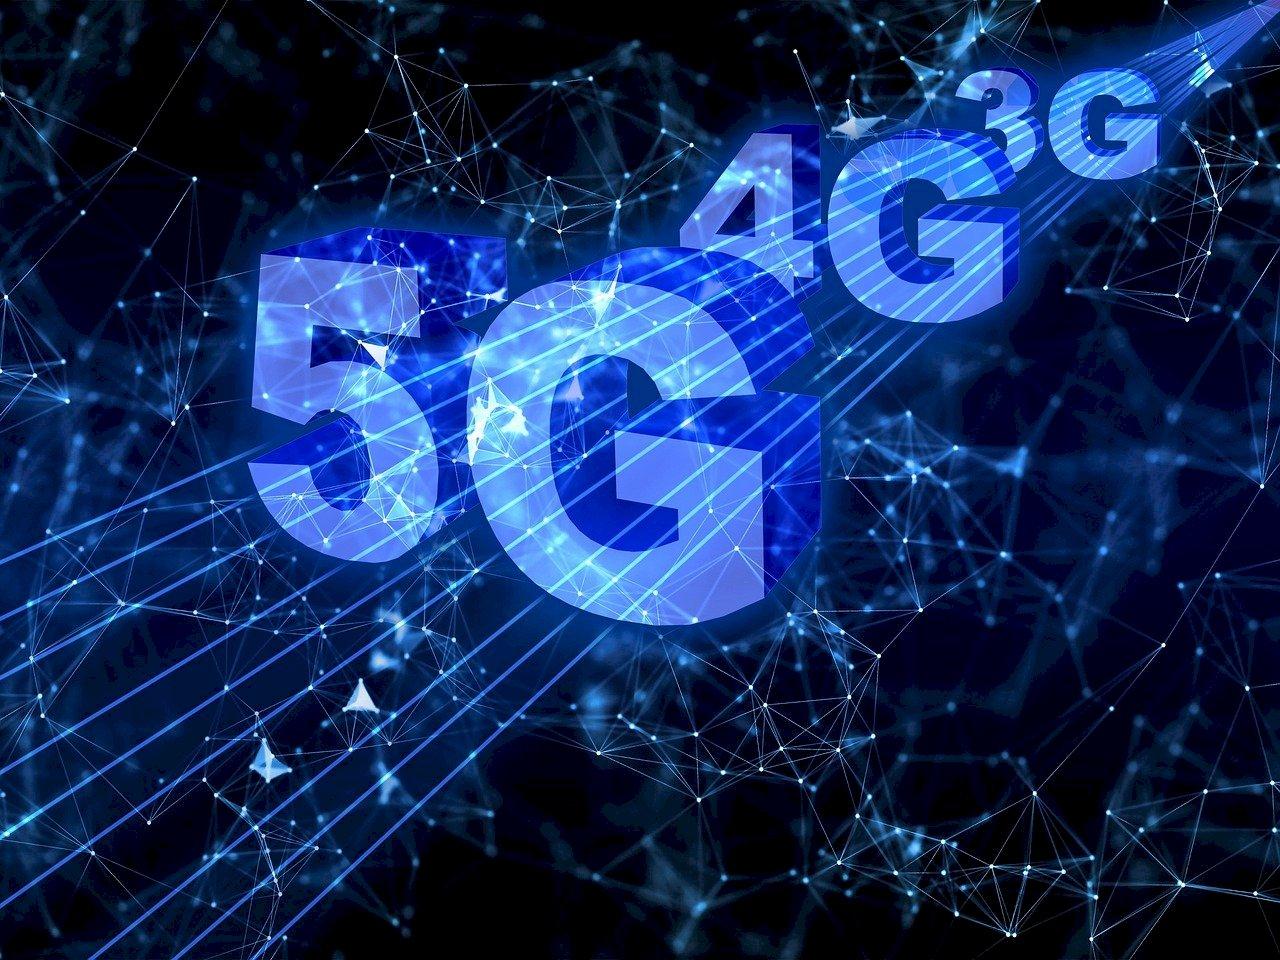 對抗中國5G!讀賣:美主導五眼聯盟與日本合作